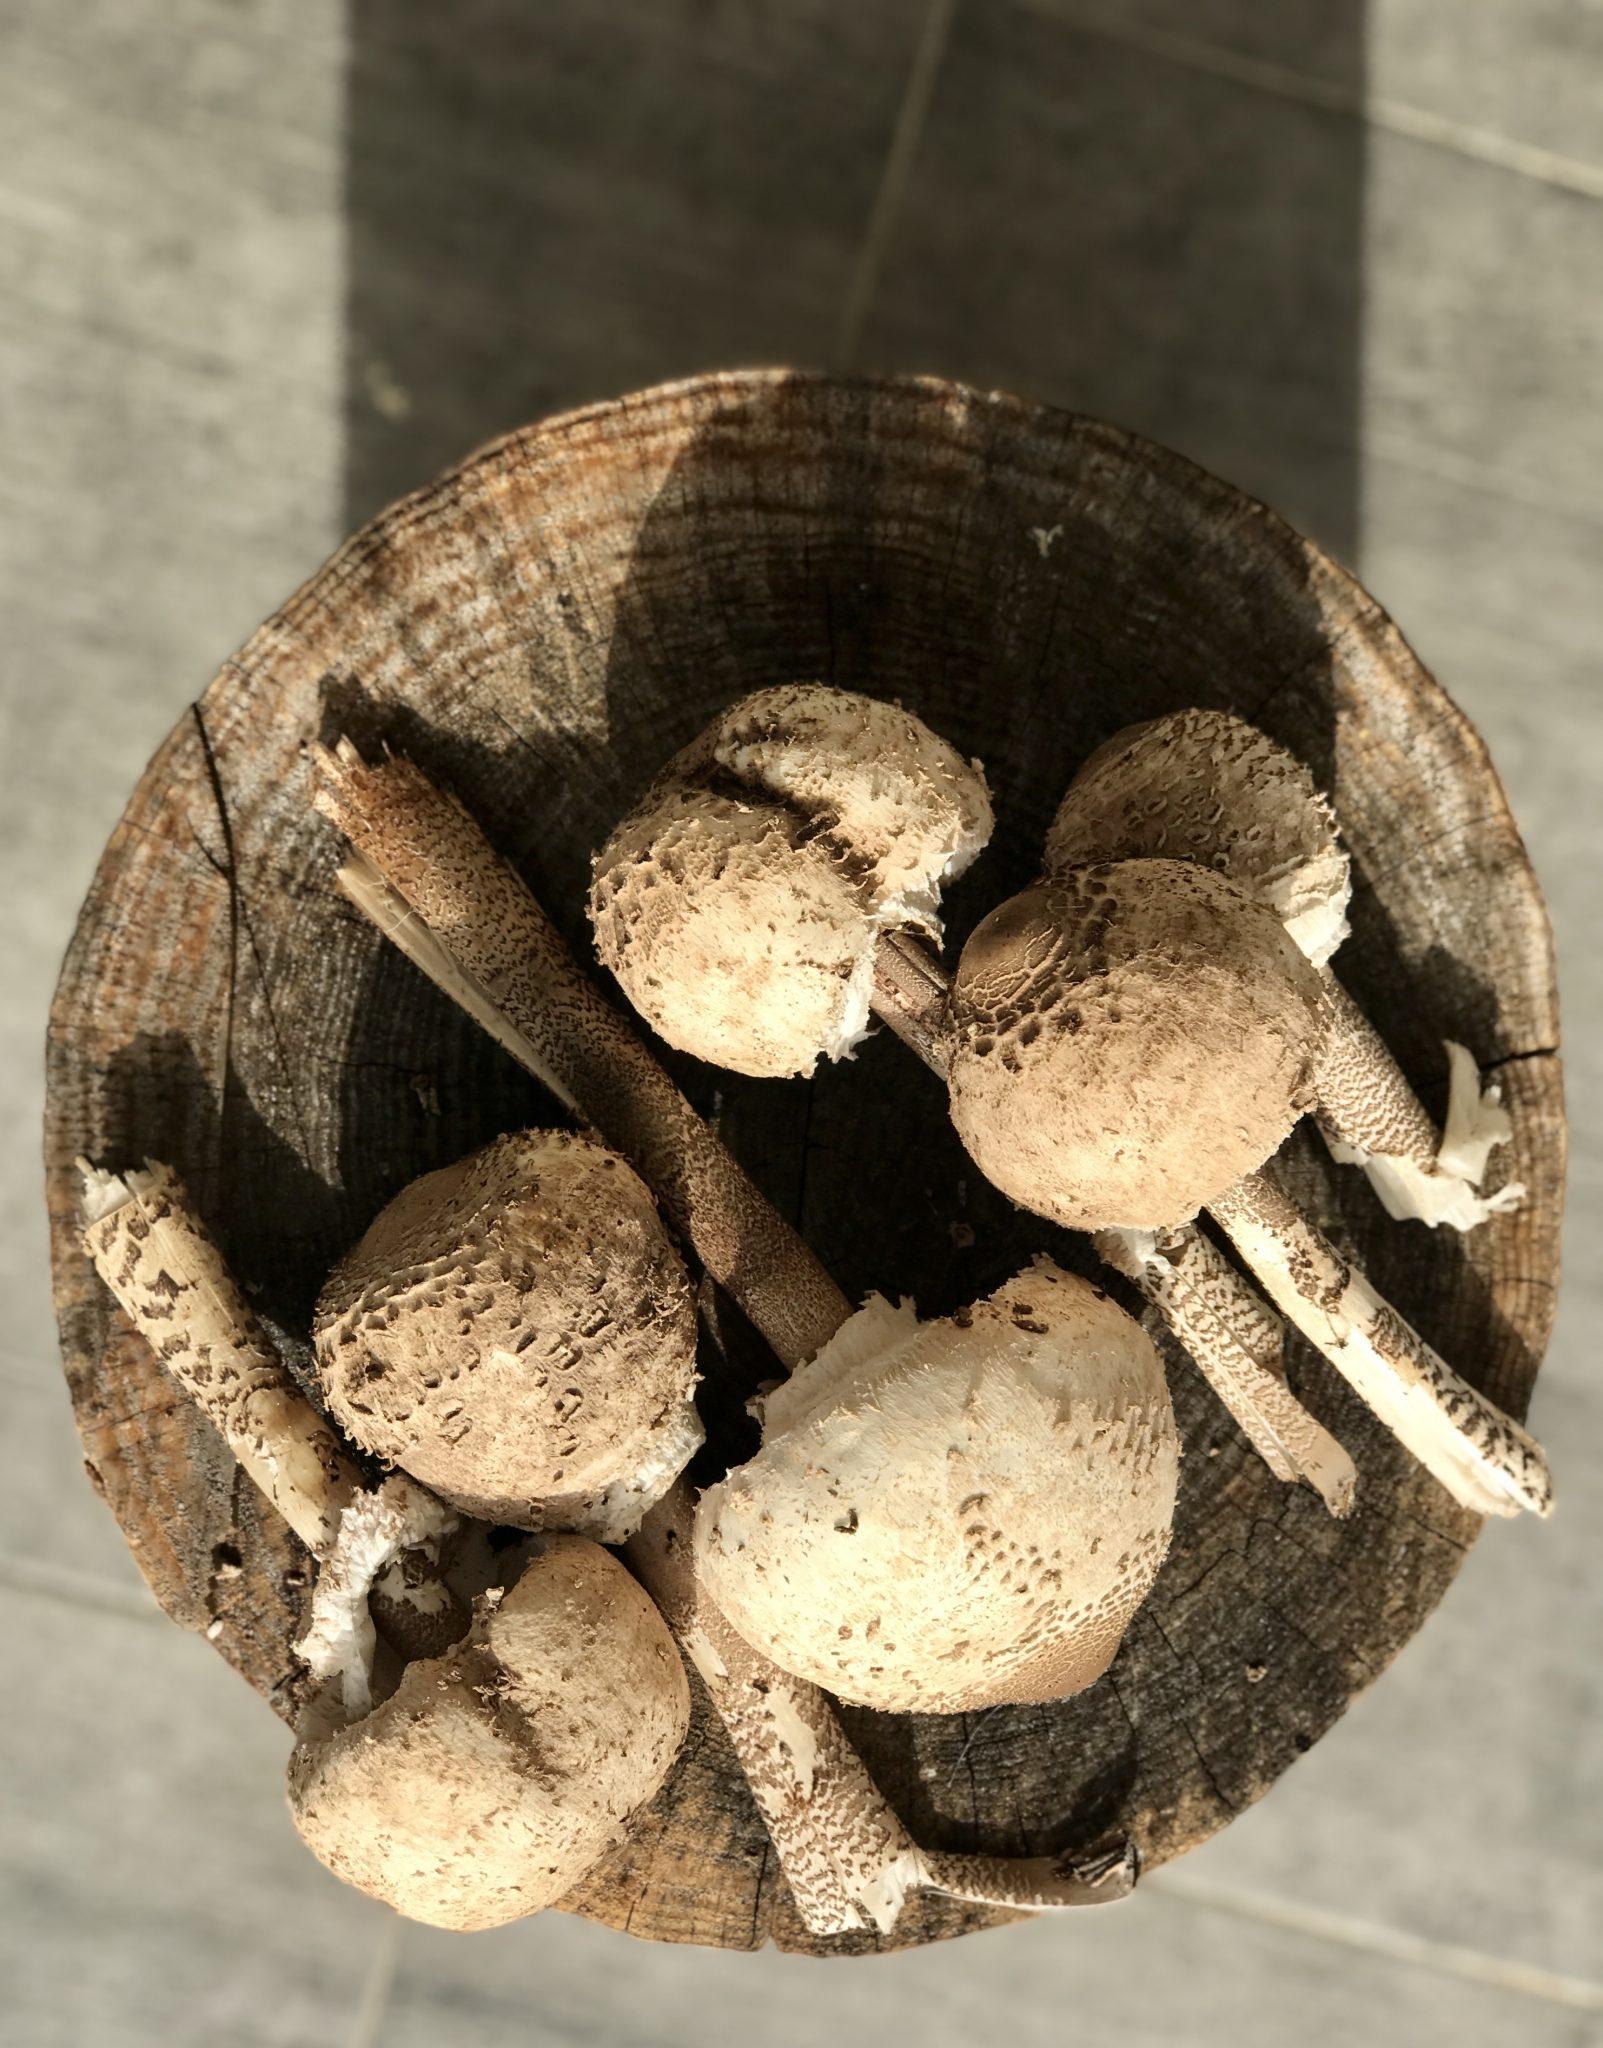 Wild mushrooms on a log